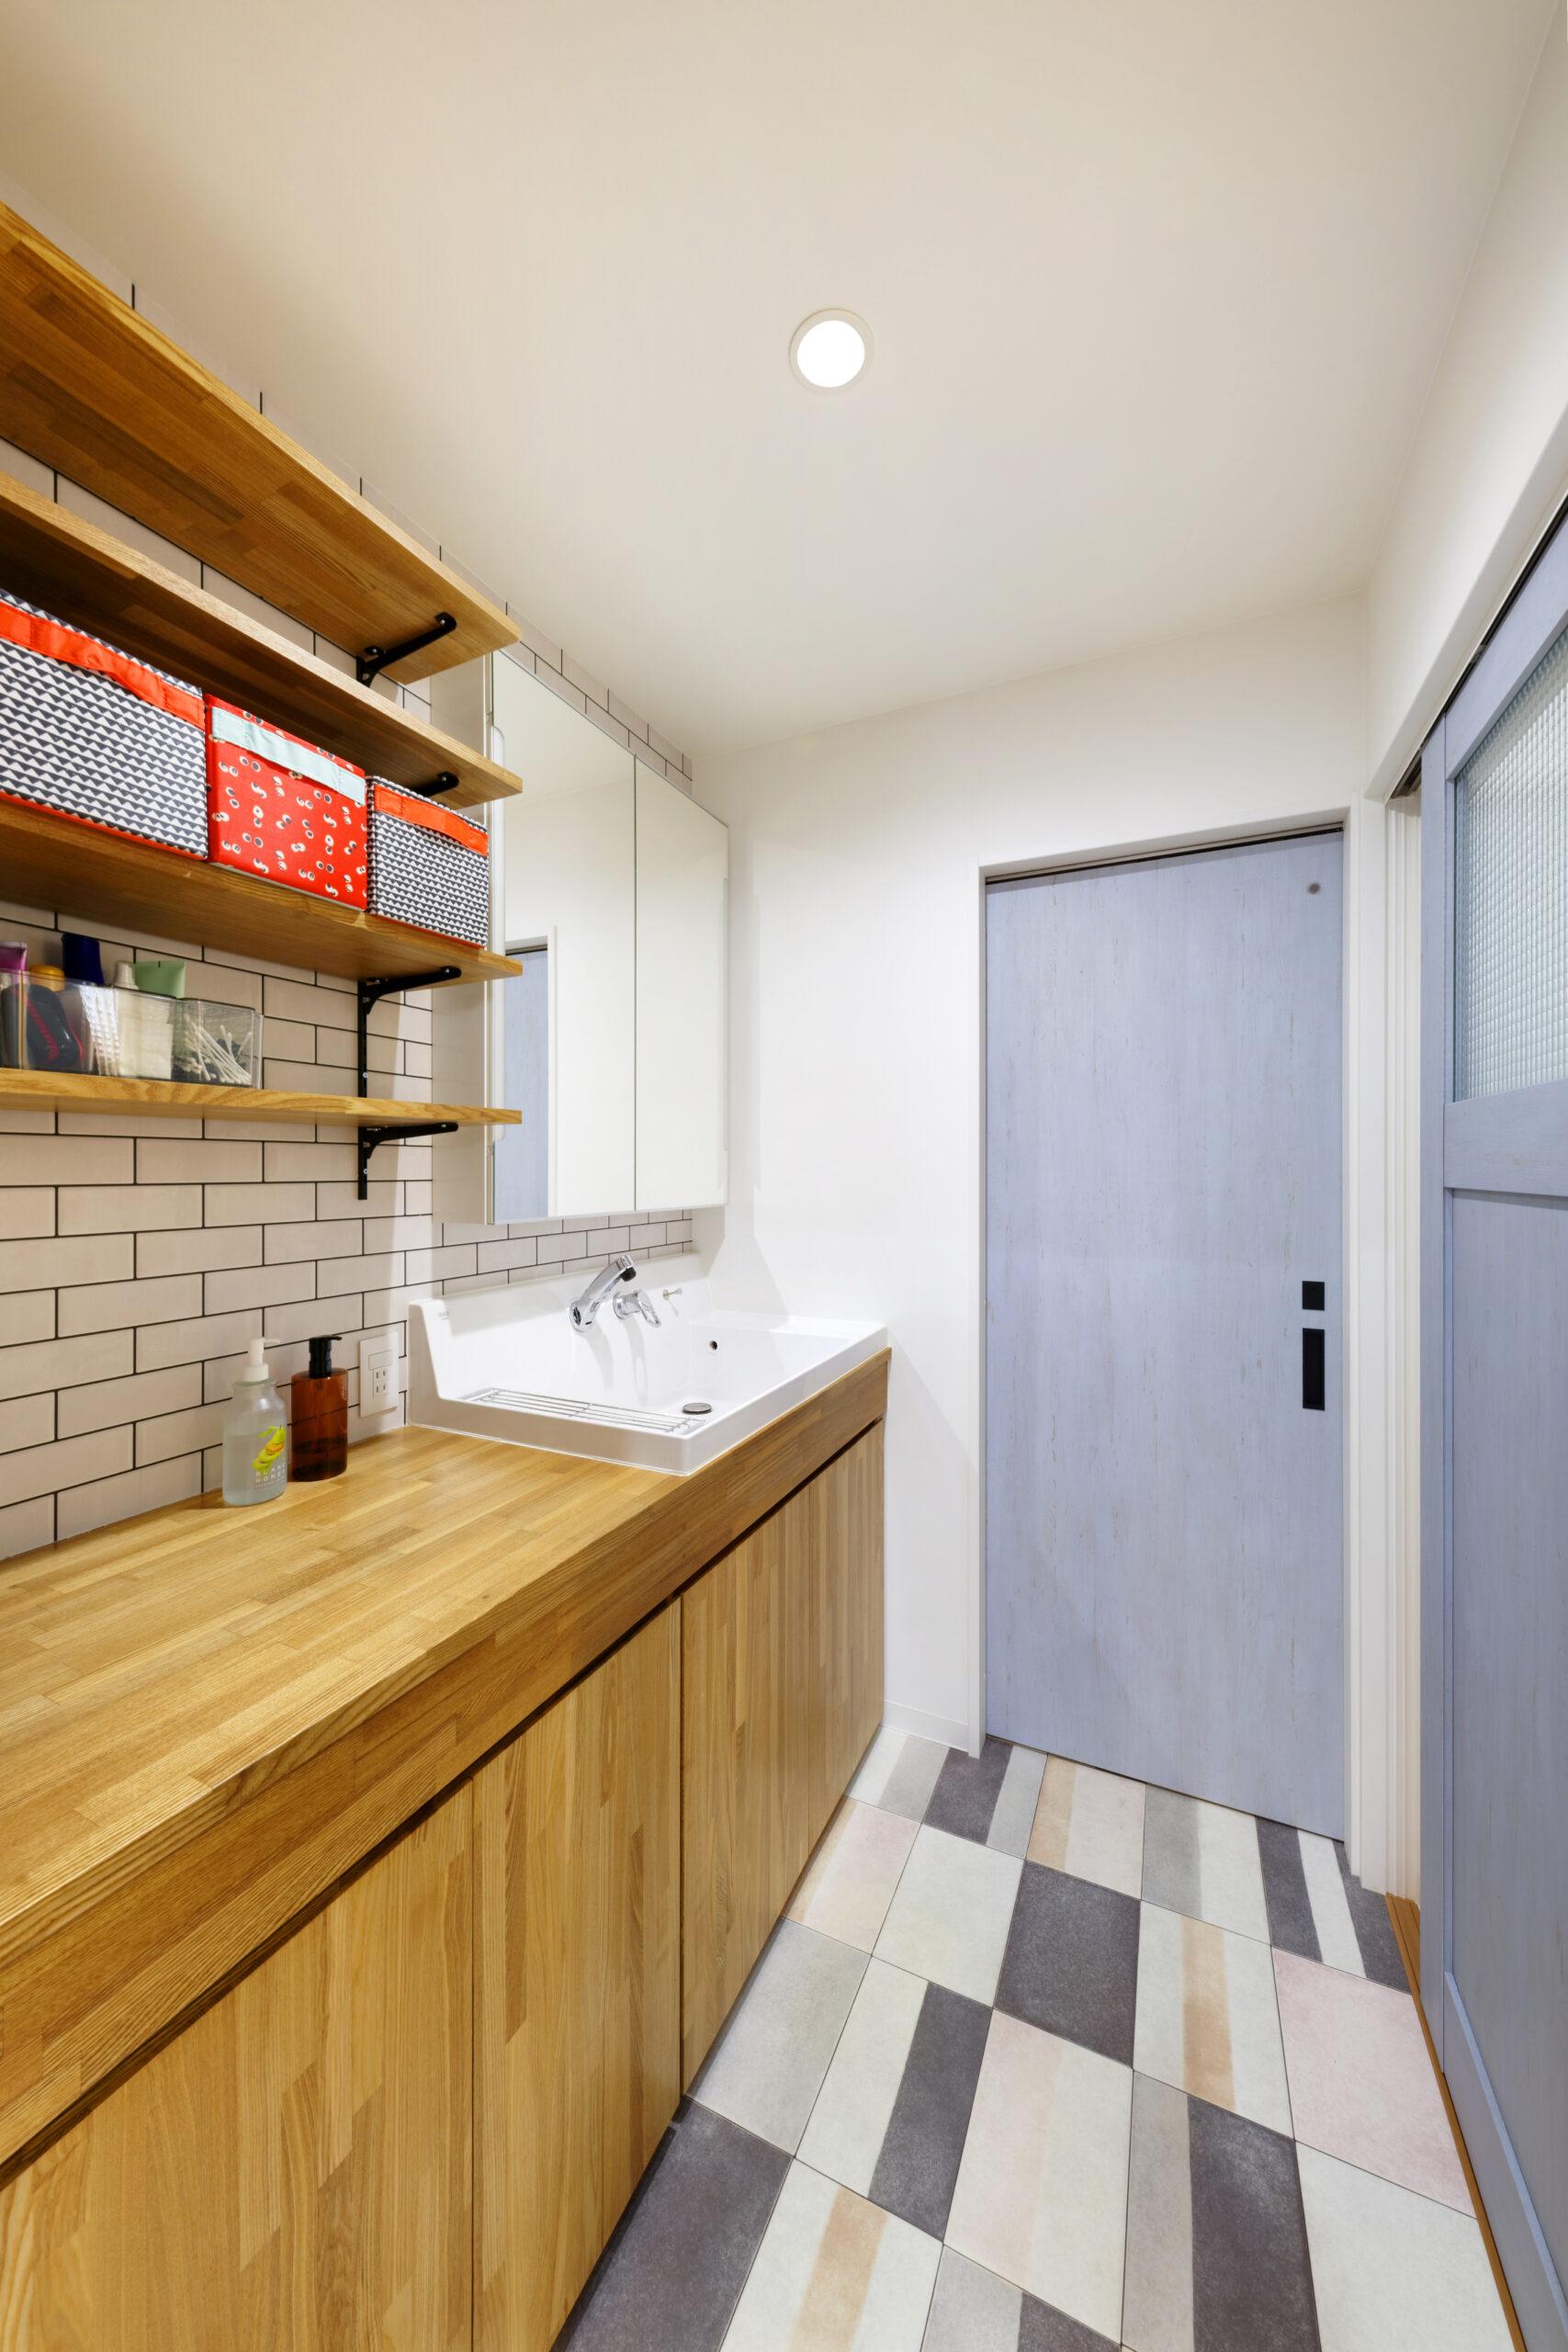 洗面台と横続きの棚を設けることで、ごちゃつかずに使用できる。